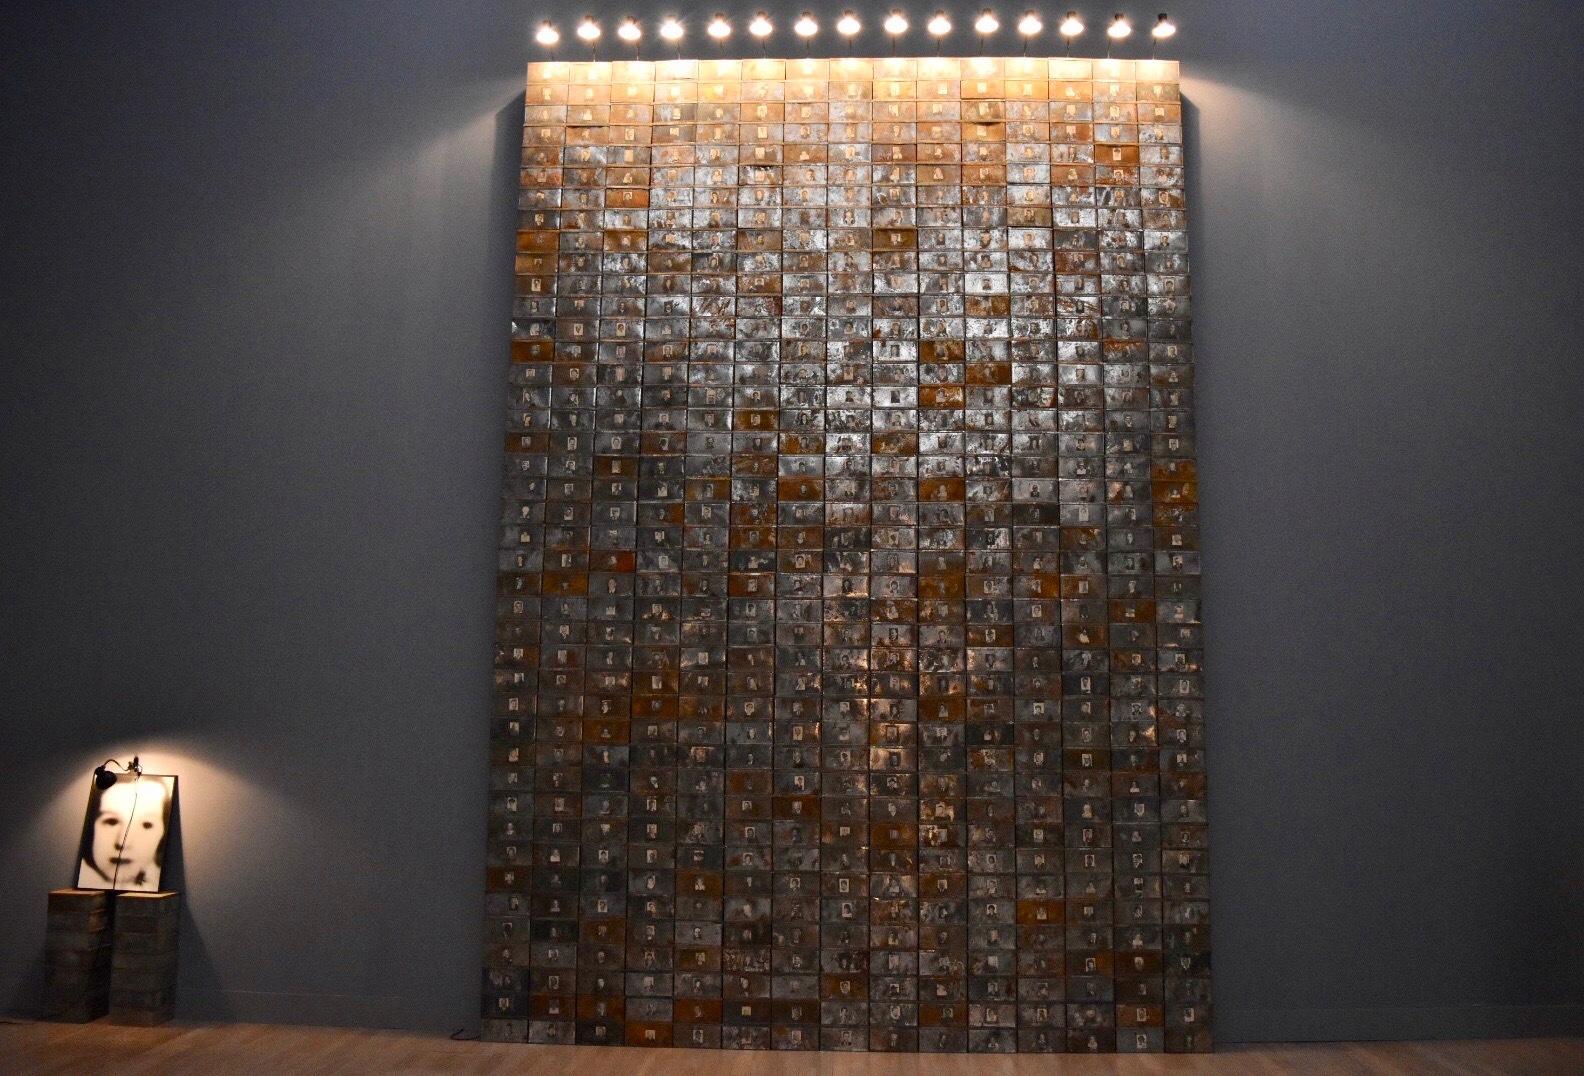 《死んだスイス人の資料》 1990年 「クリスチャン・ボルタンスキー −Lifetime」展 2019年 国立新美術館展示風景